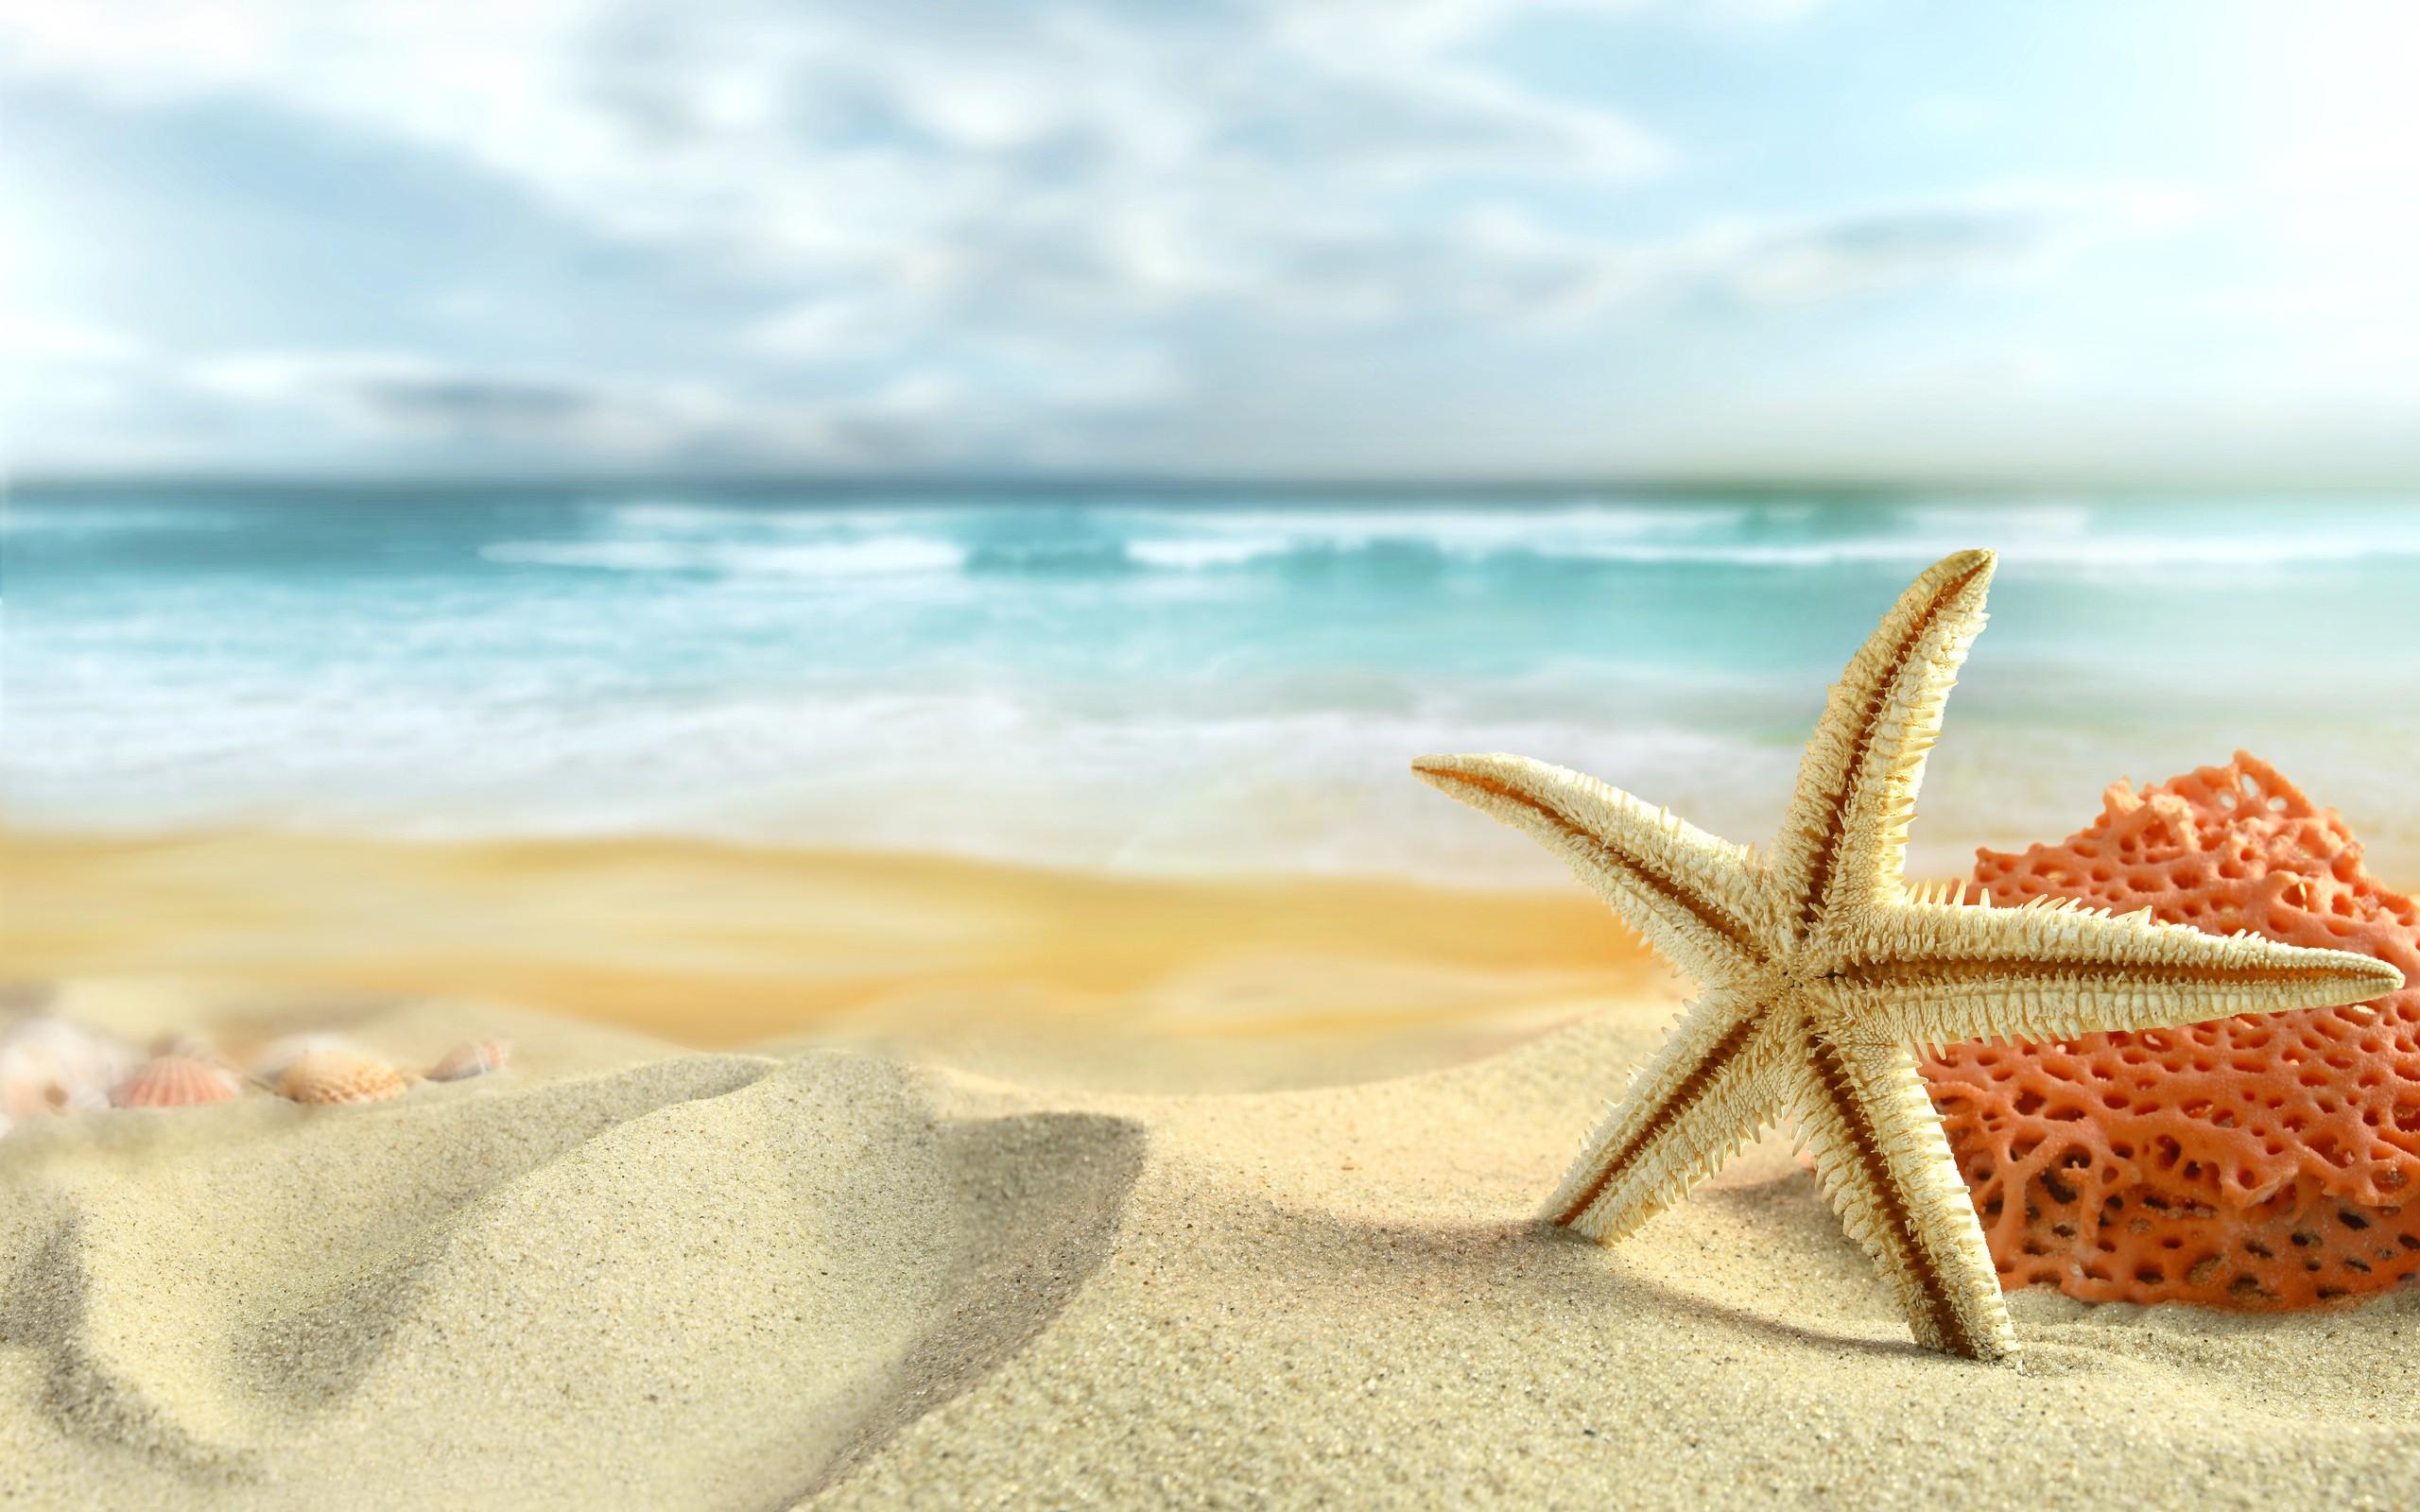 Hermosa estrella de mar - 2560x1600